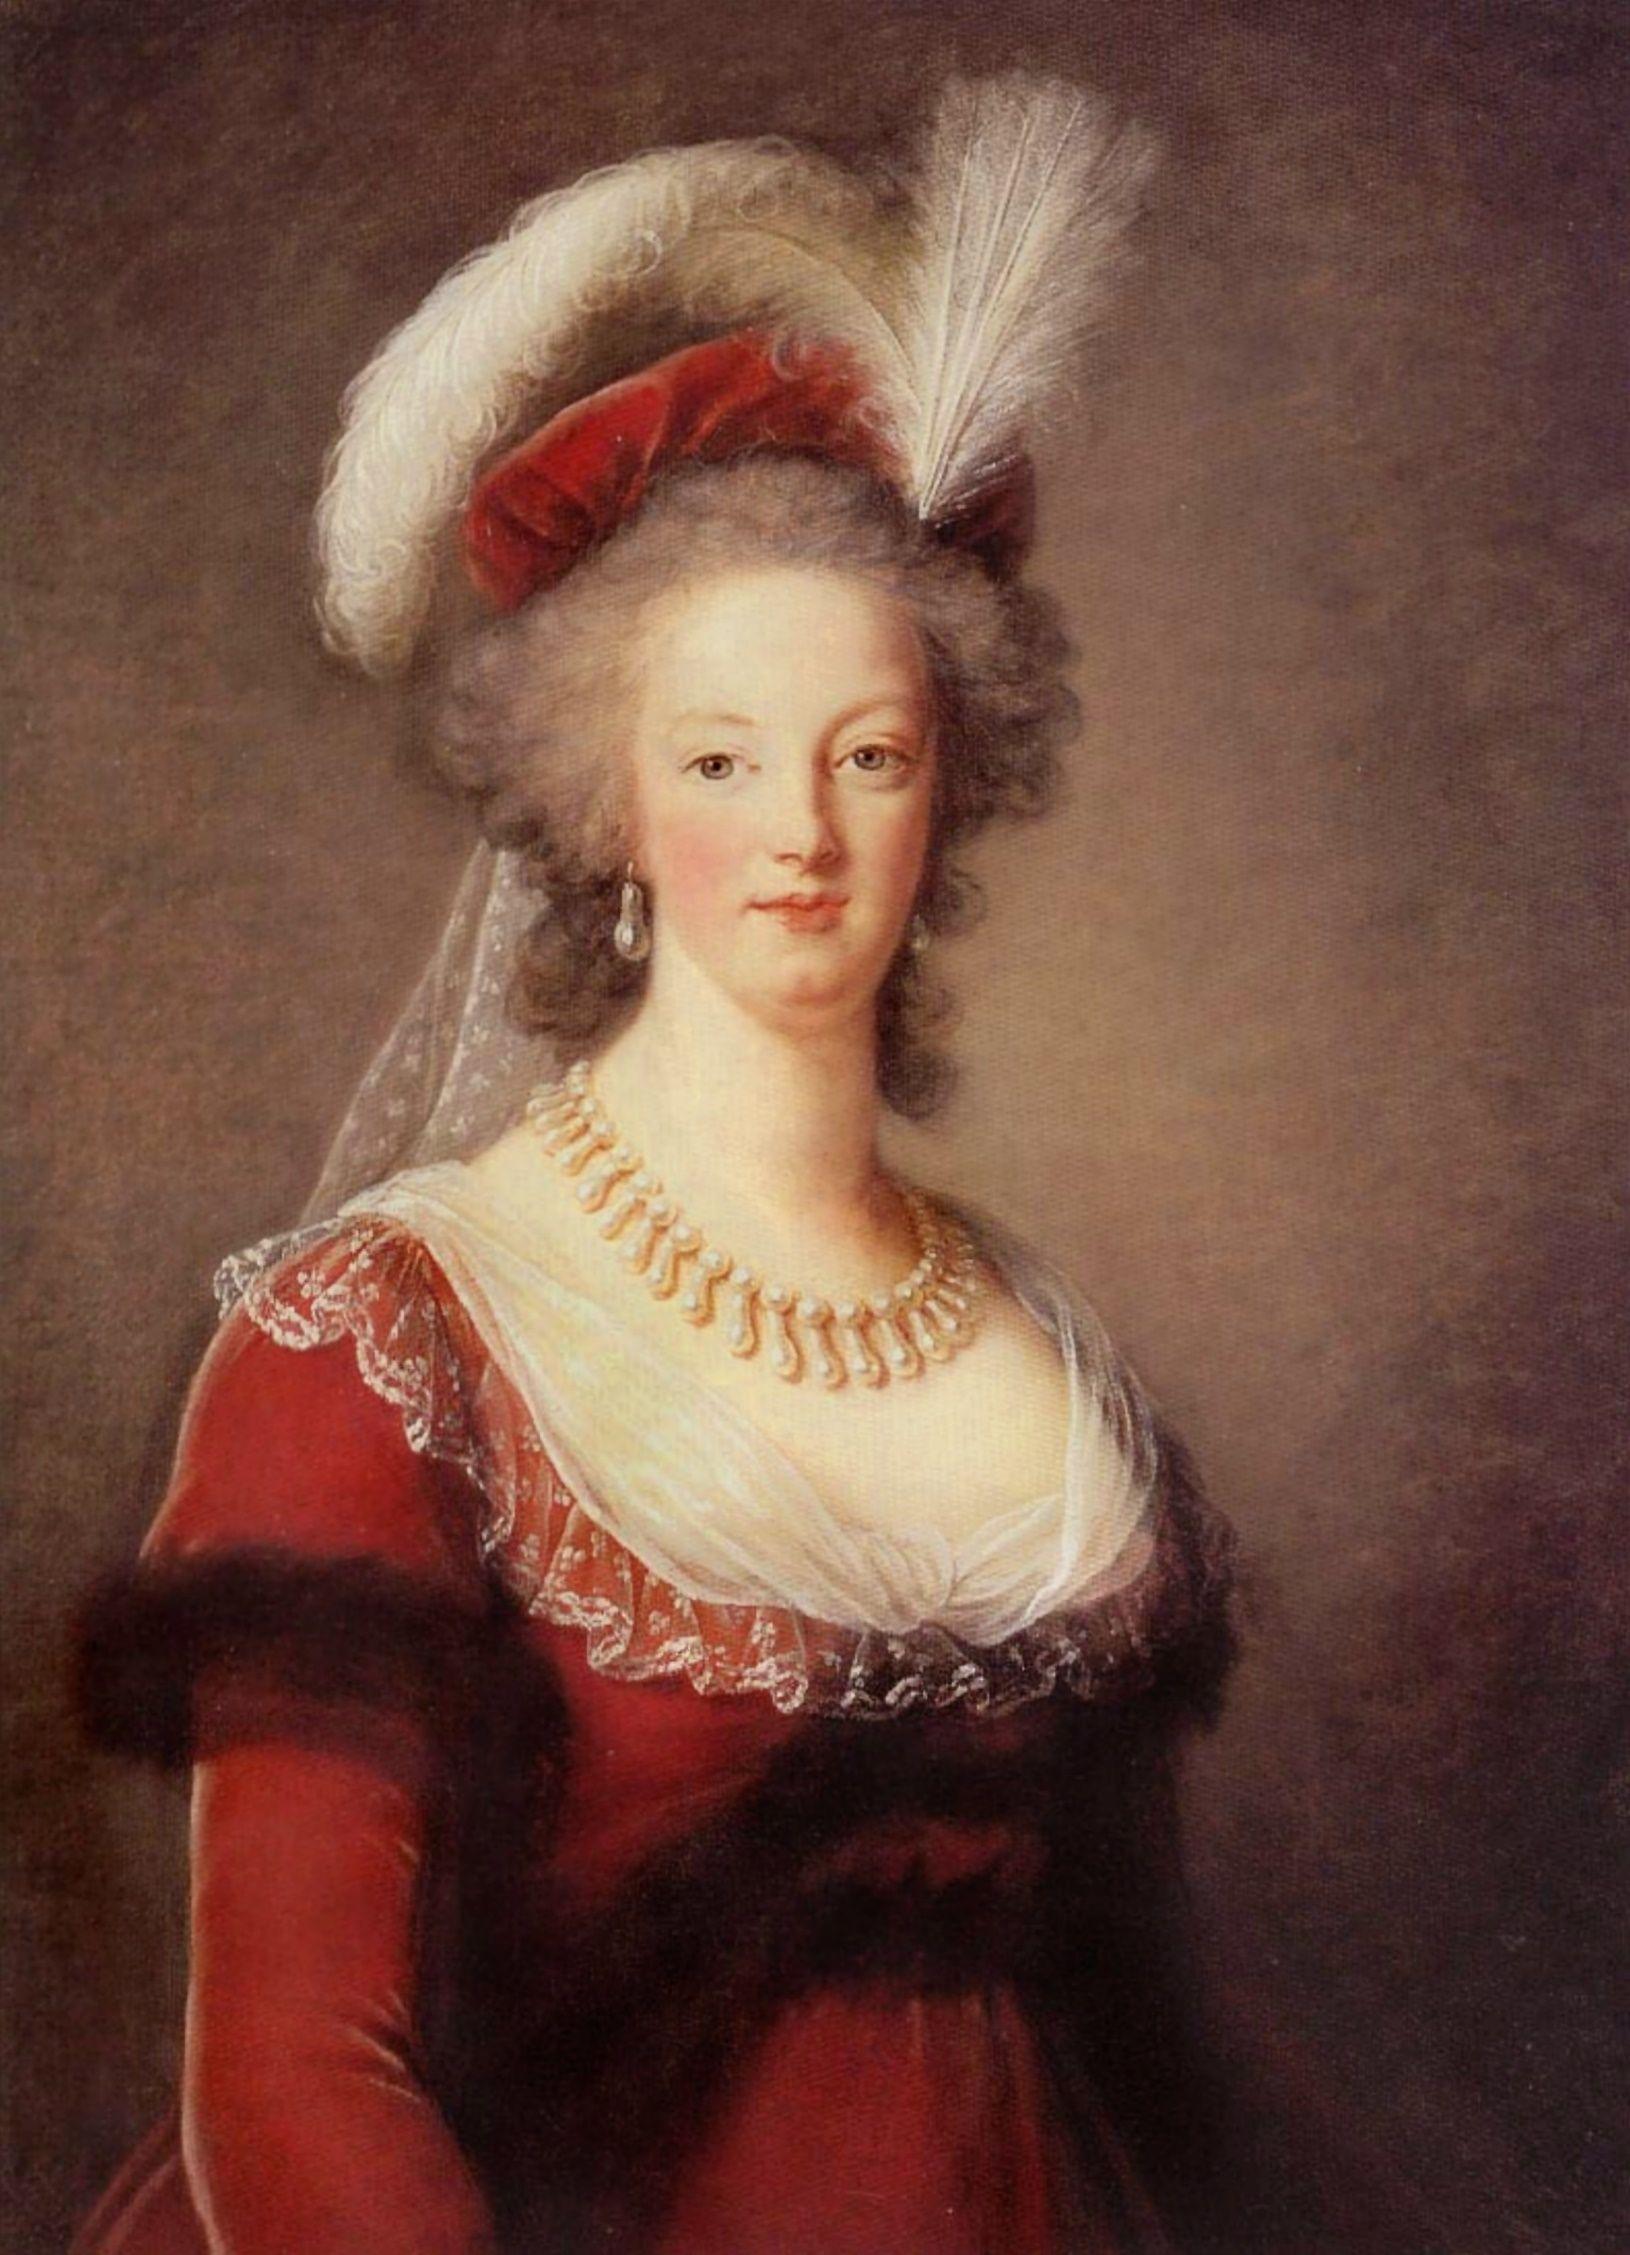 картинки французская королева этом случае, скорее